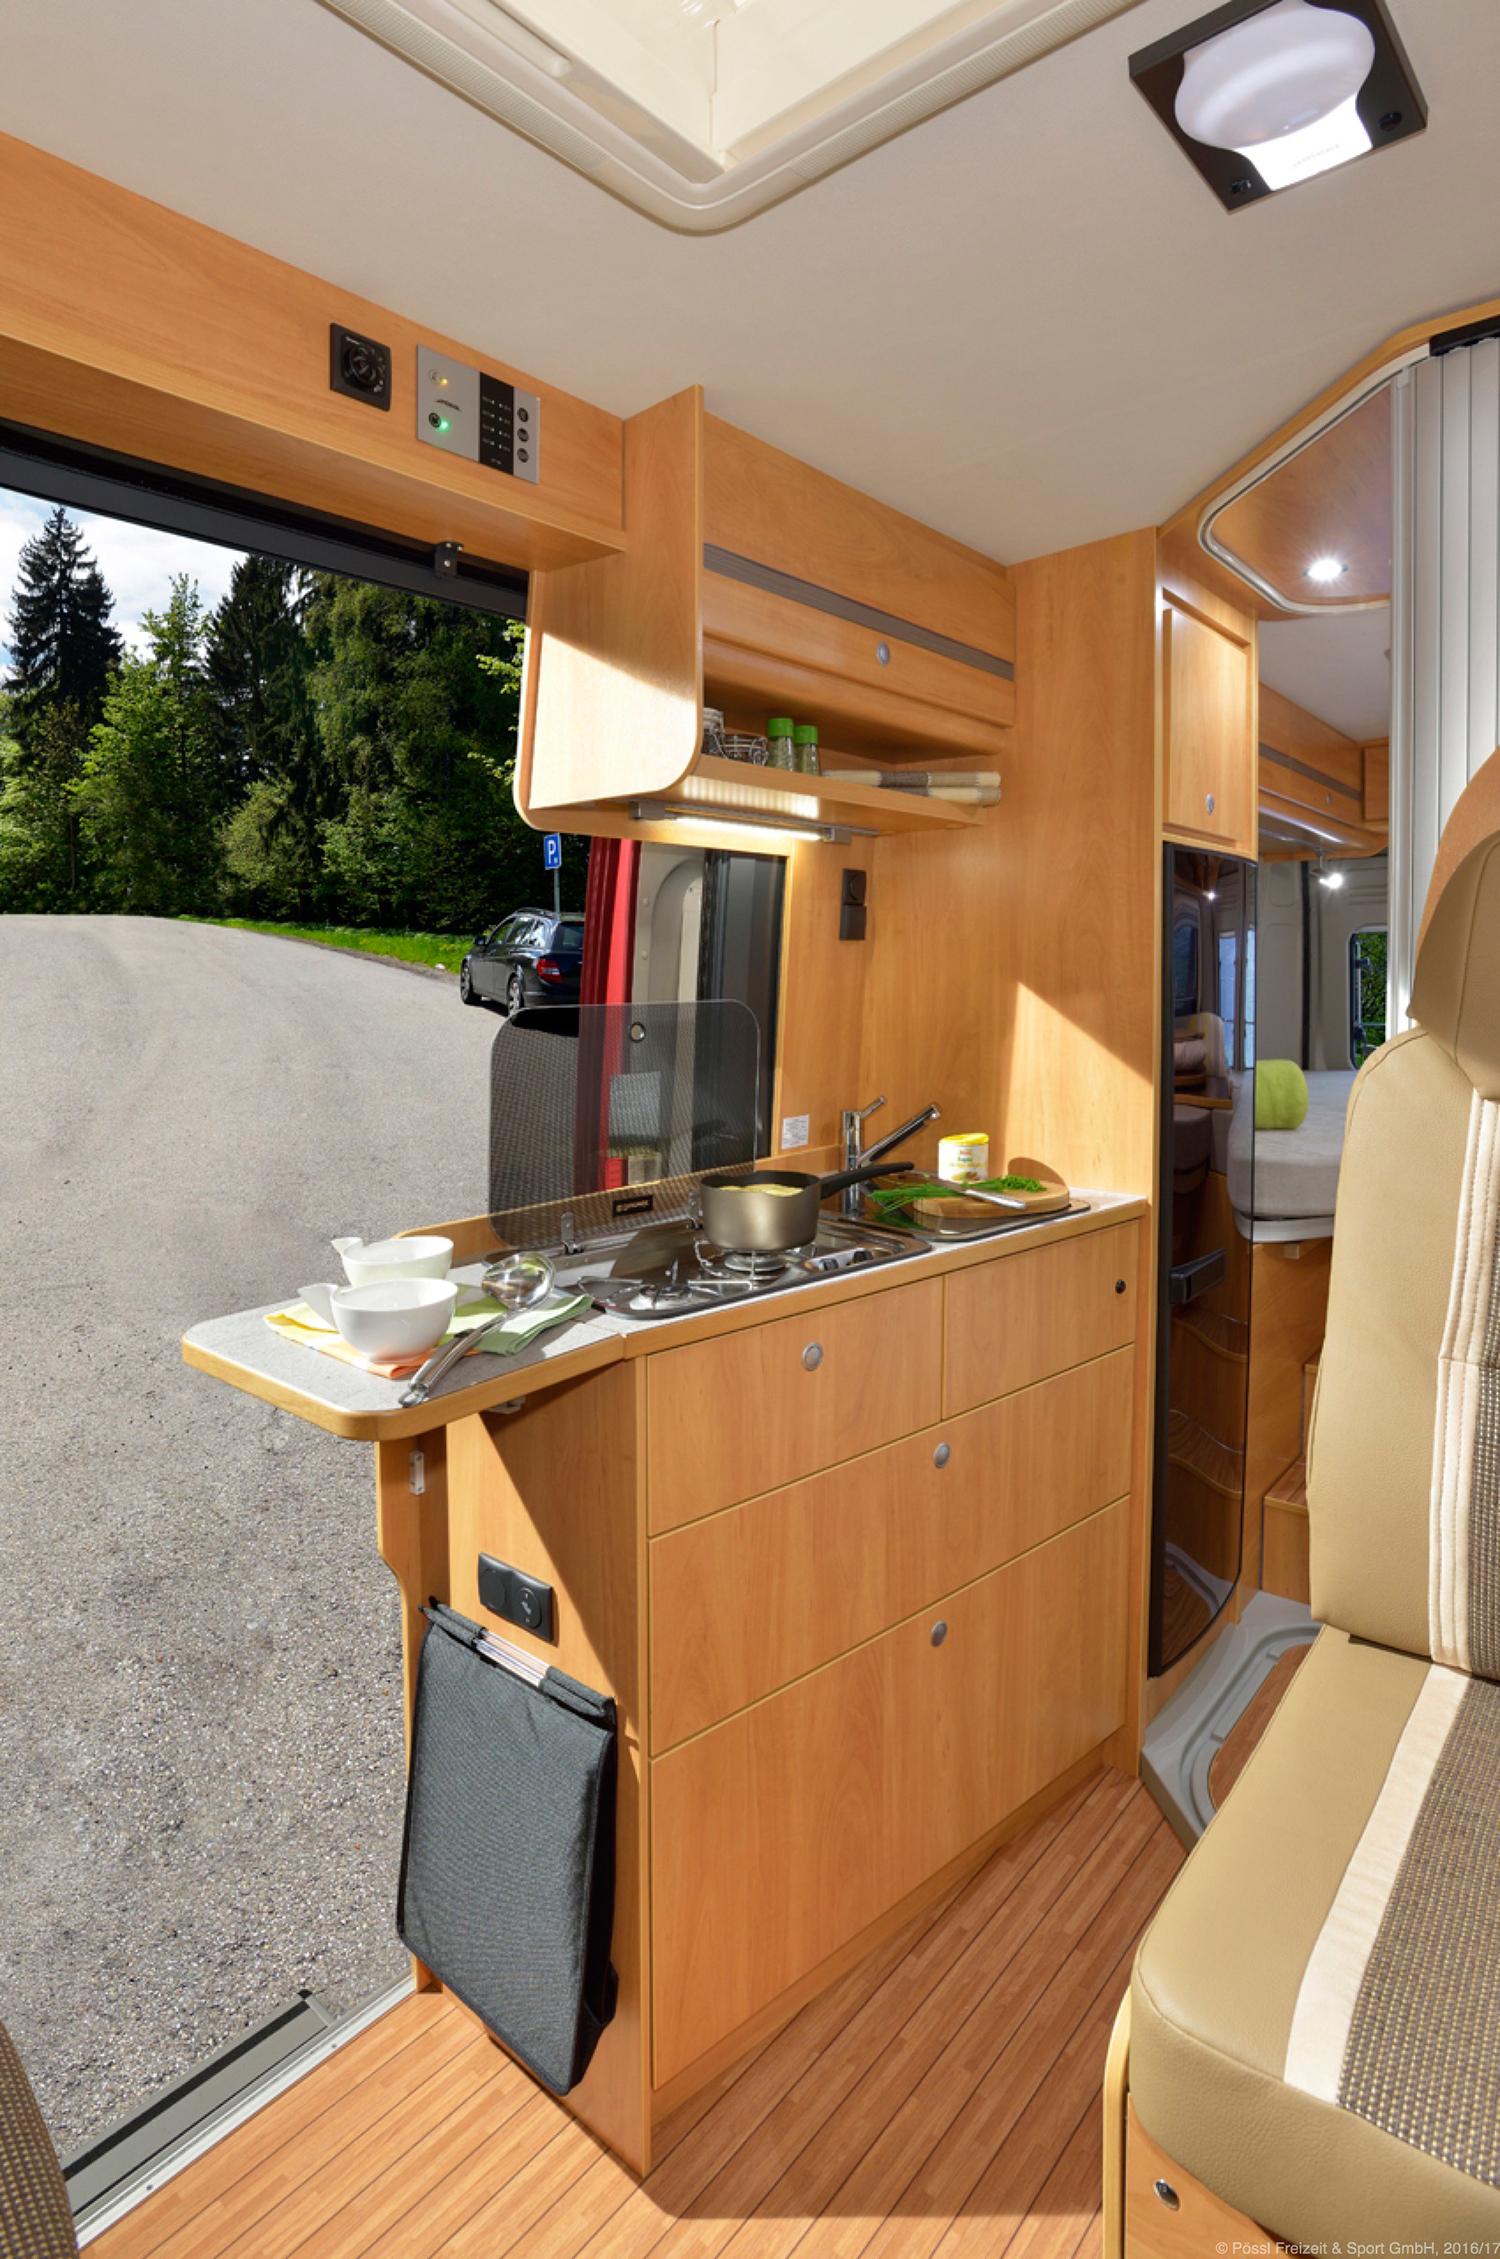 P 246 Ssl Roadcruiser Kompakt Reisemobile Wohnmobile